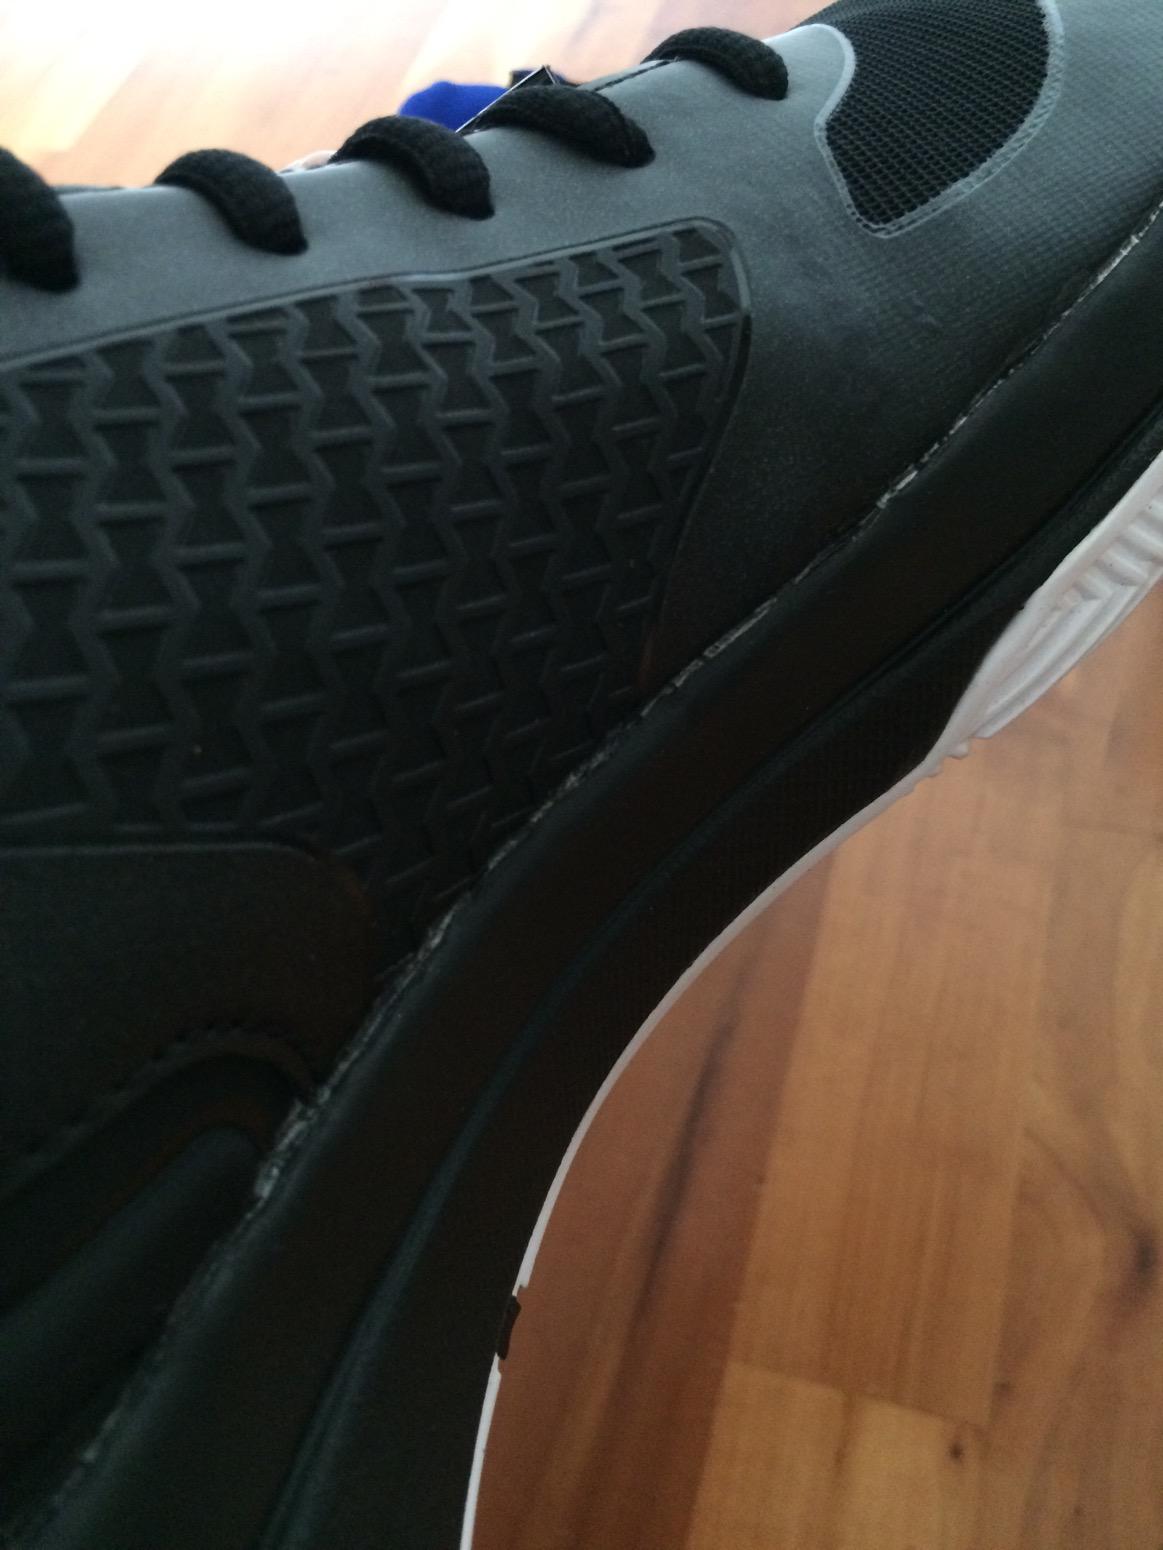 Sotto Clutchfit Lampo Scarpe Da Basket Recensione Maschile Armatura fnG9eFuH9O